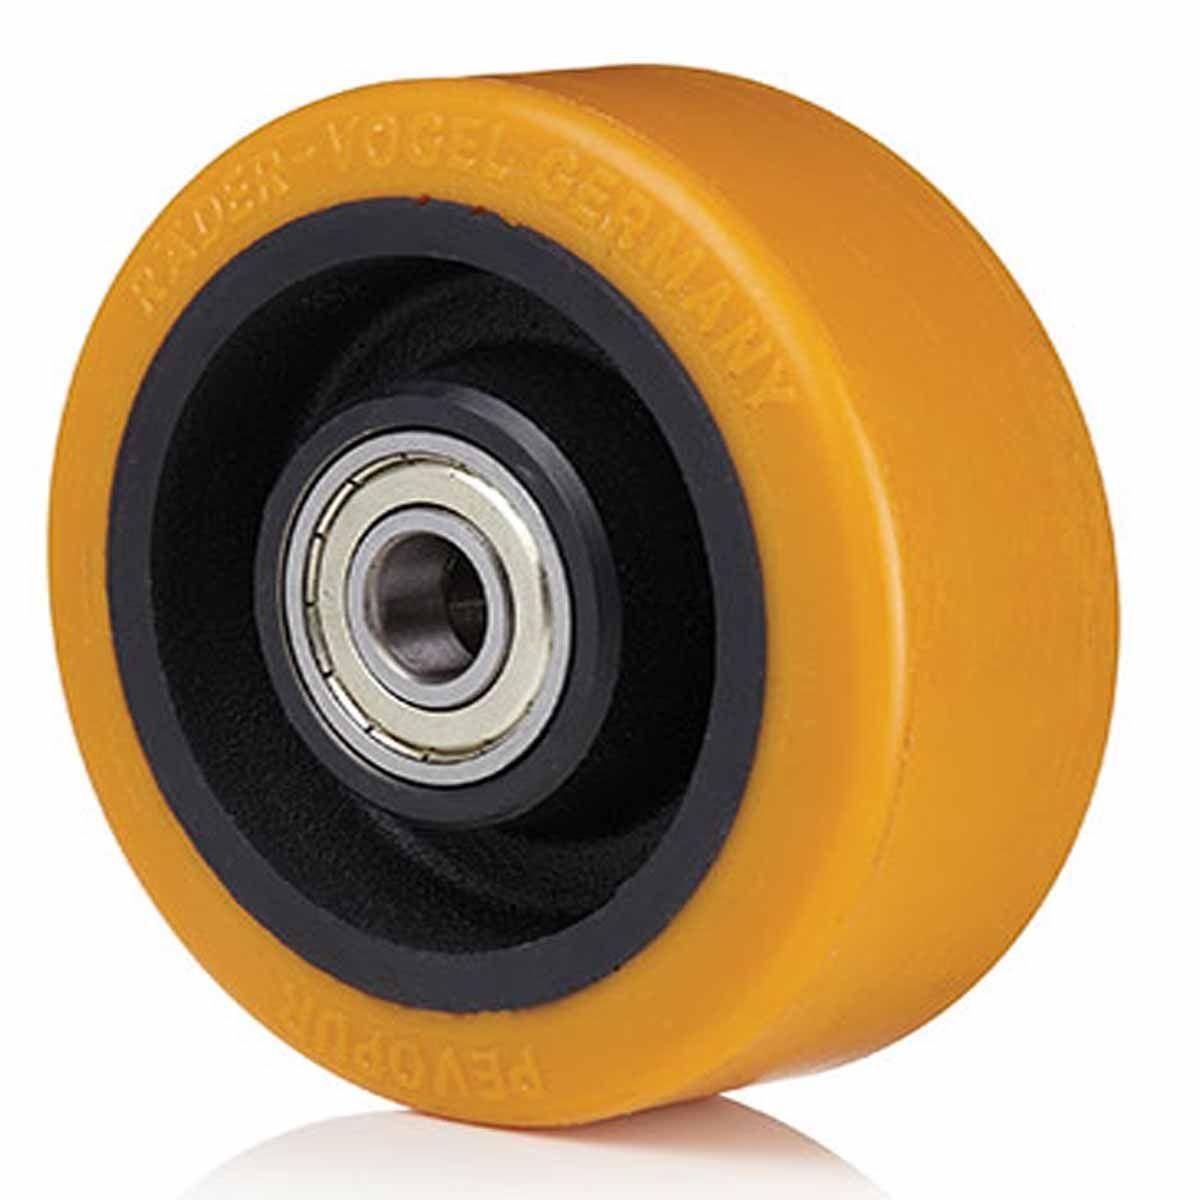 Wheels for Pimespo Forklift Trucks